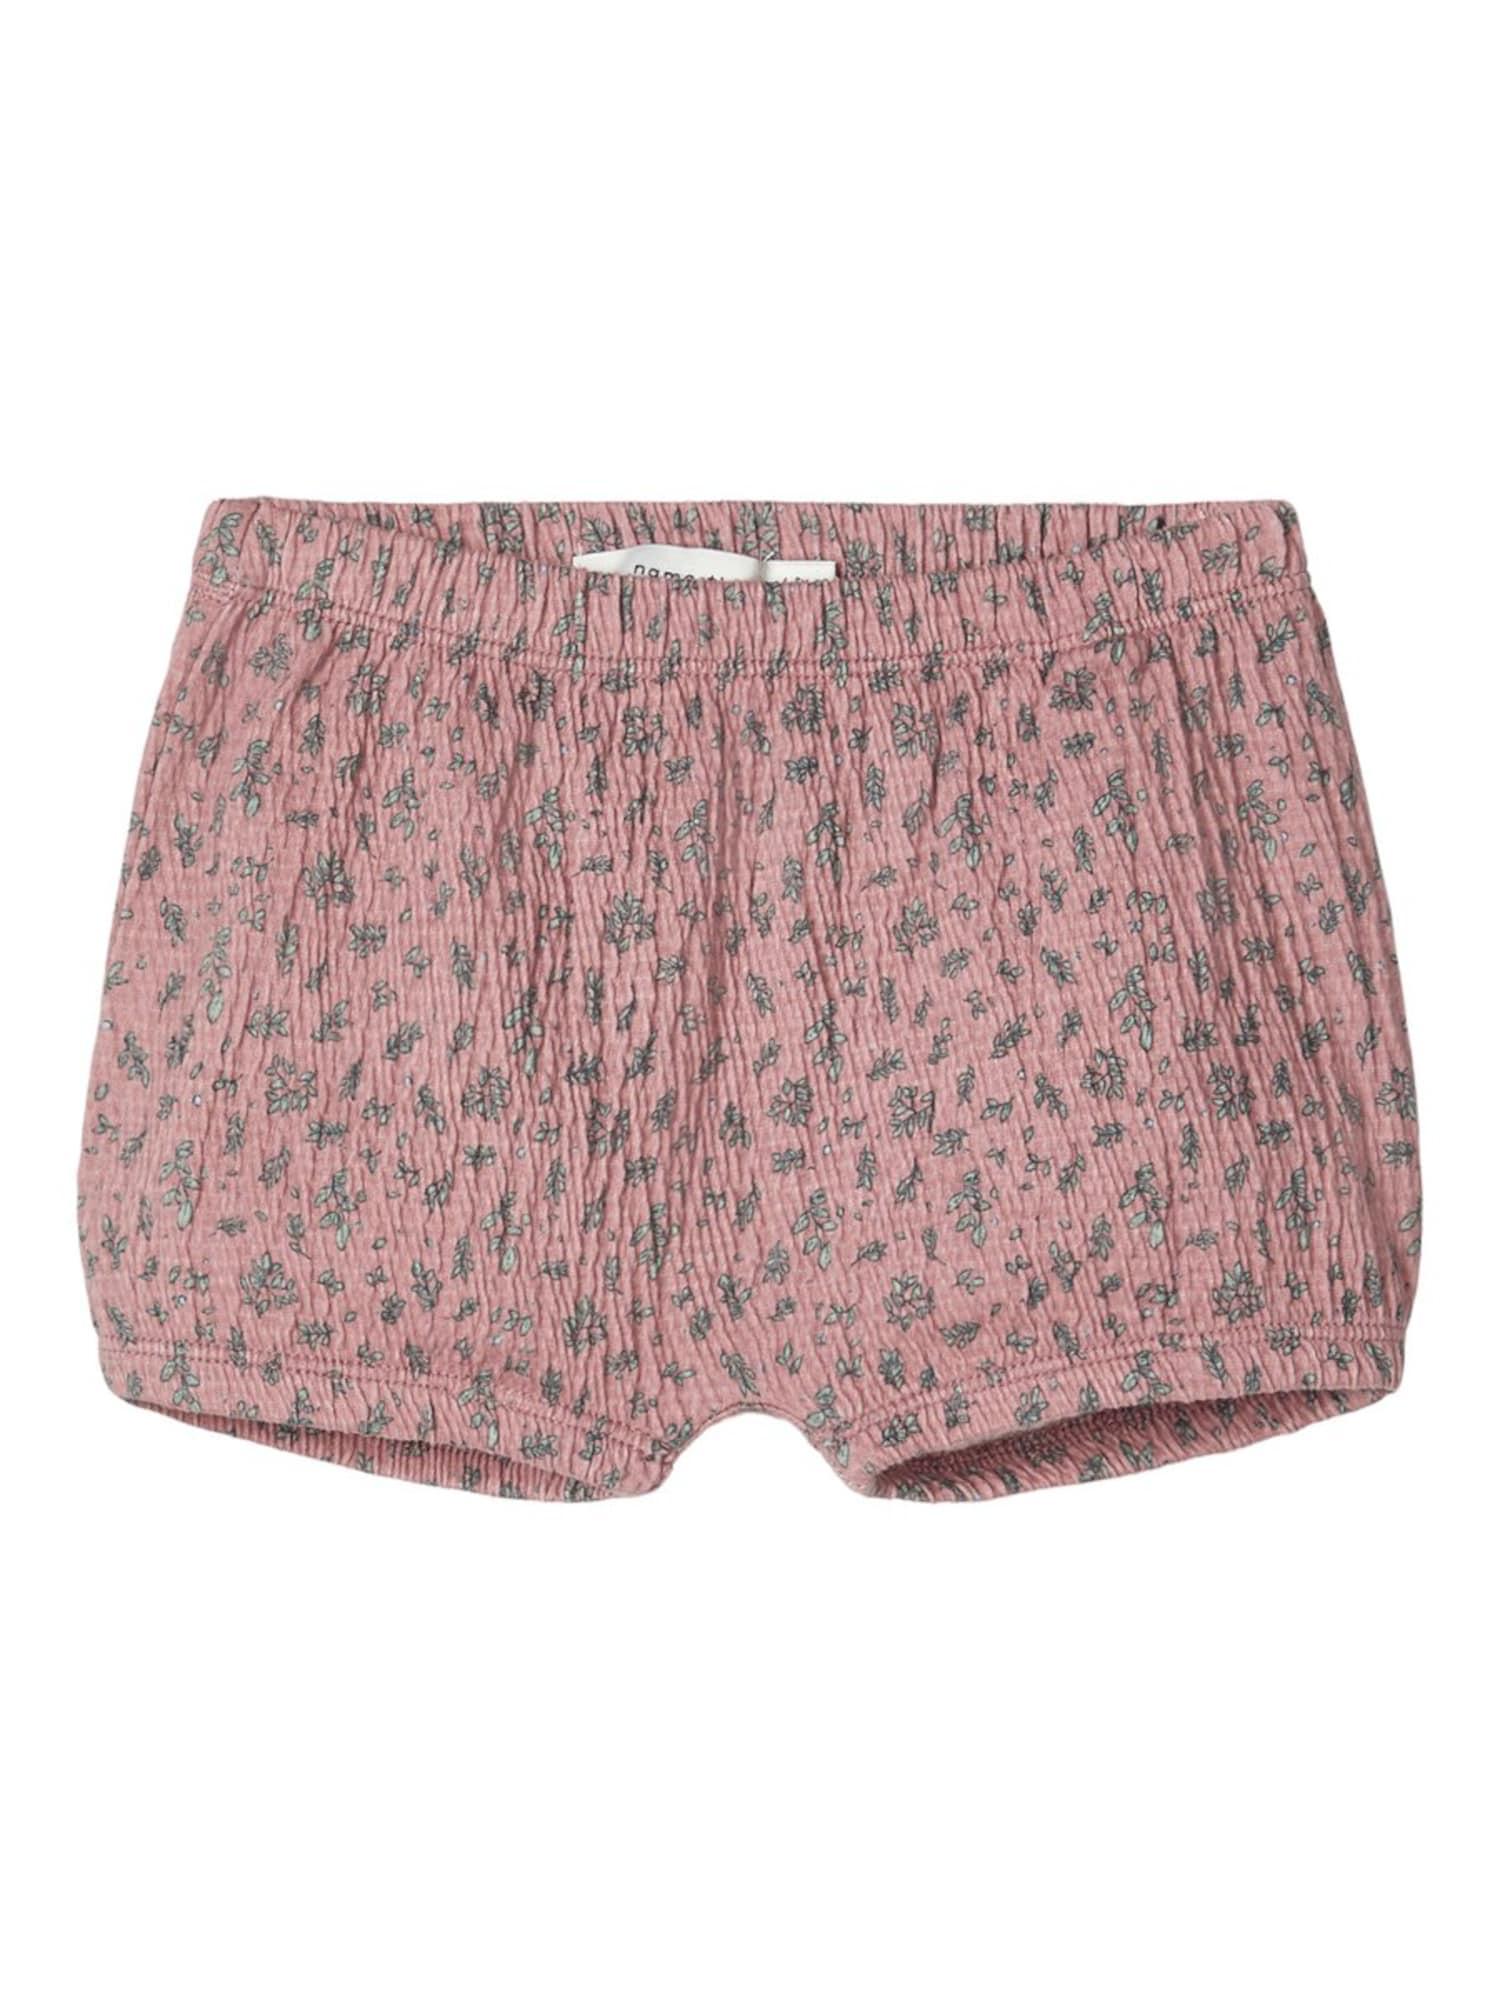 NAME IT Kelnės ryškiai rožinė spalva / pastelinė žalia